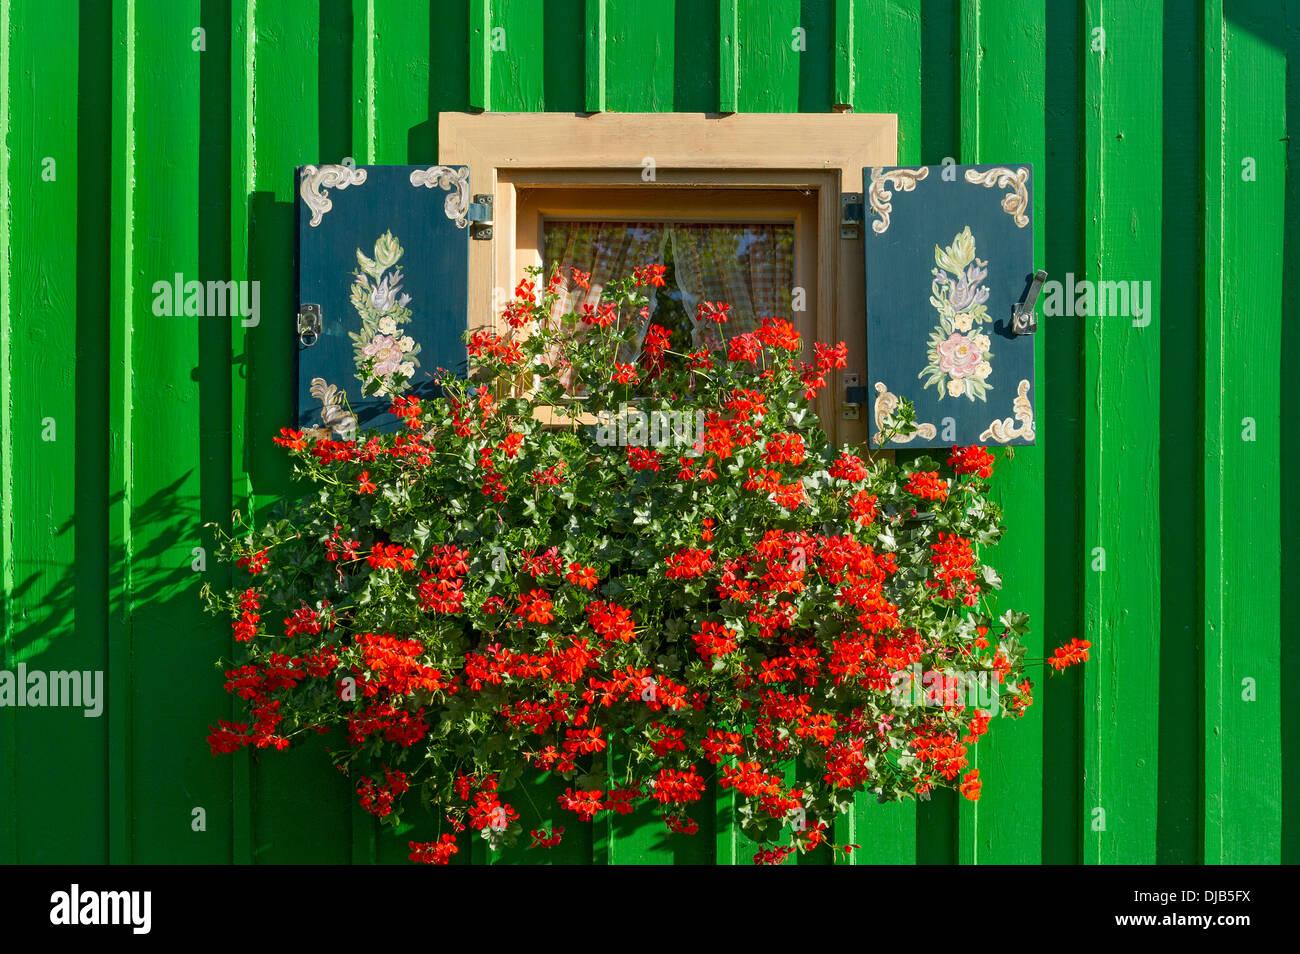 Fioriere Per Persiane ~ Finestra con persiane colorate e fioriera con gerani pelargonium